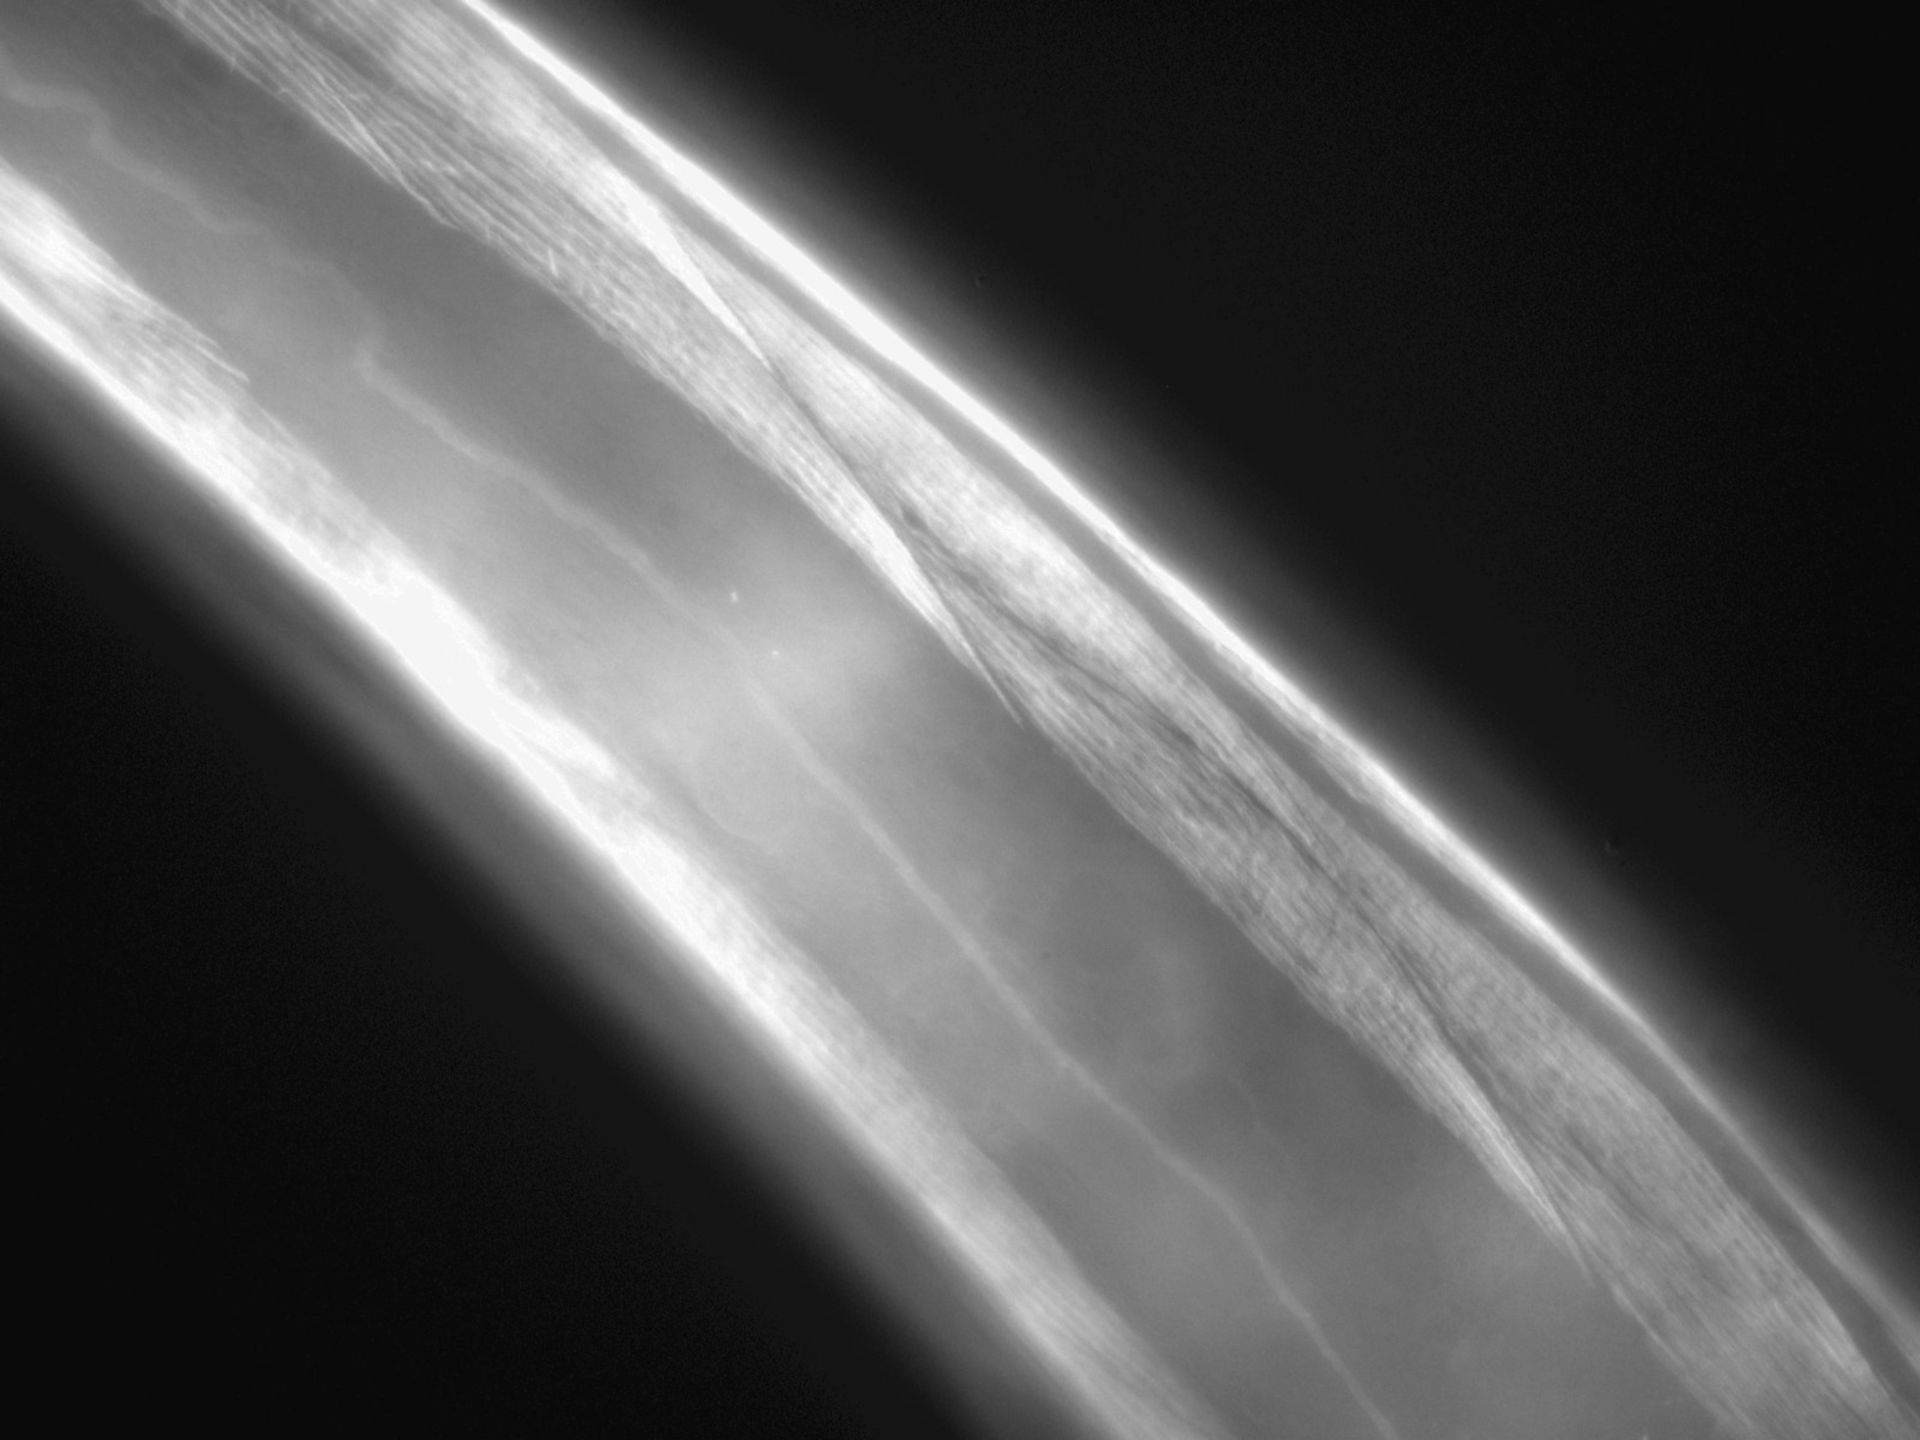 Caenorhabditis elegans (filamento di actina) - CIL:1286